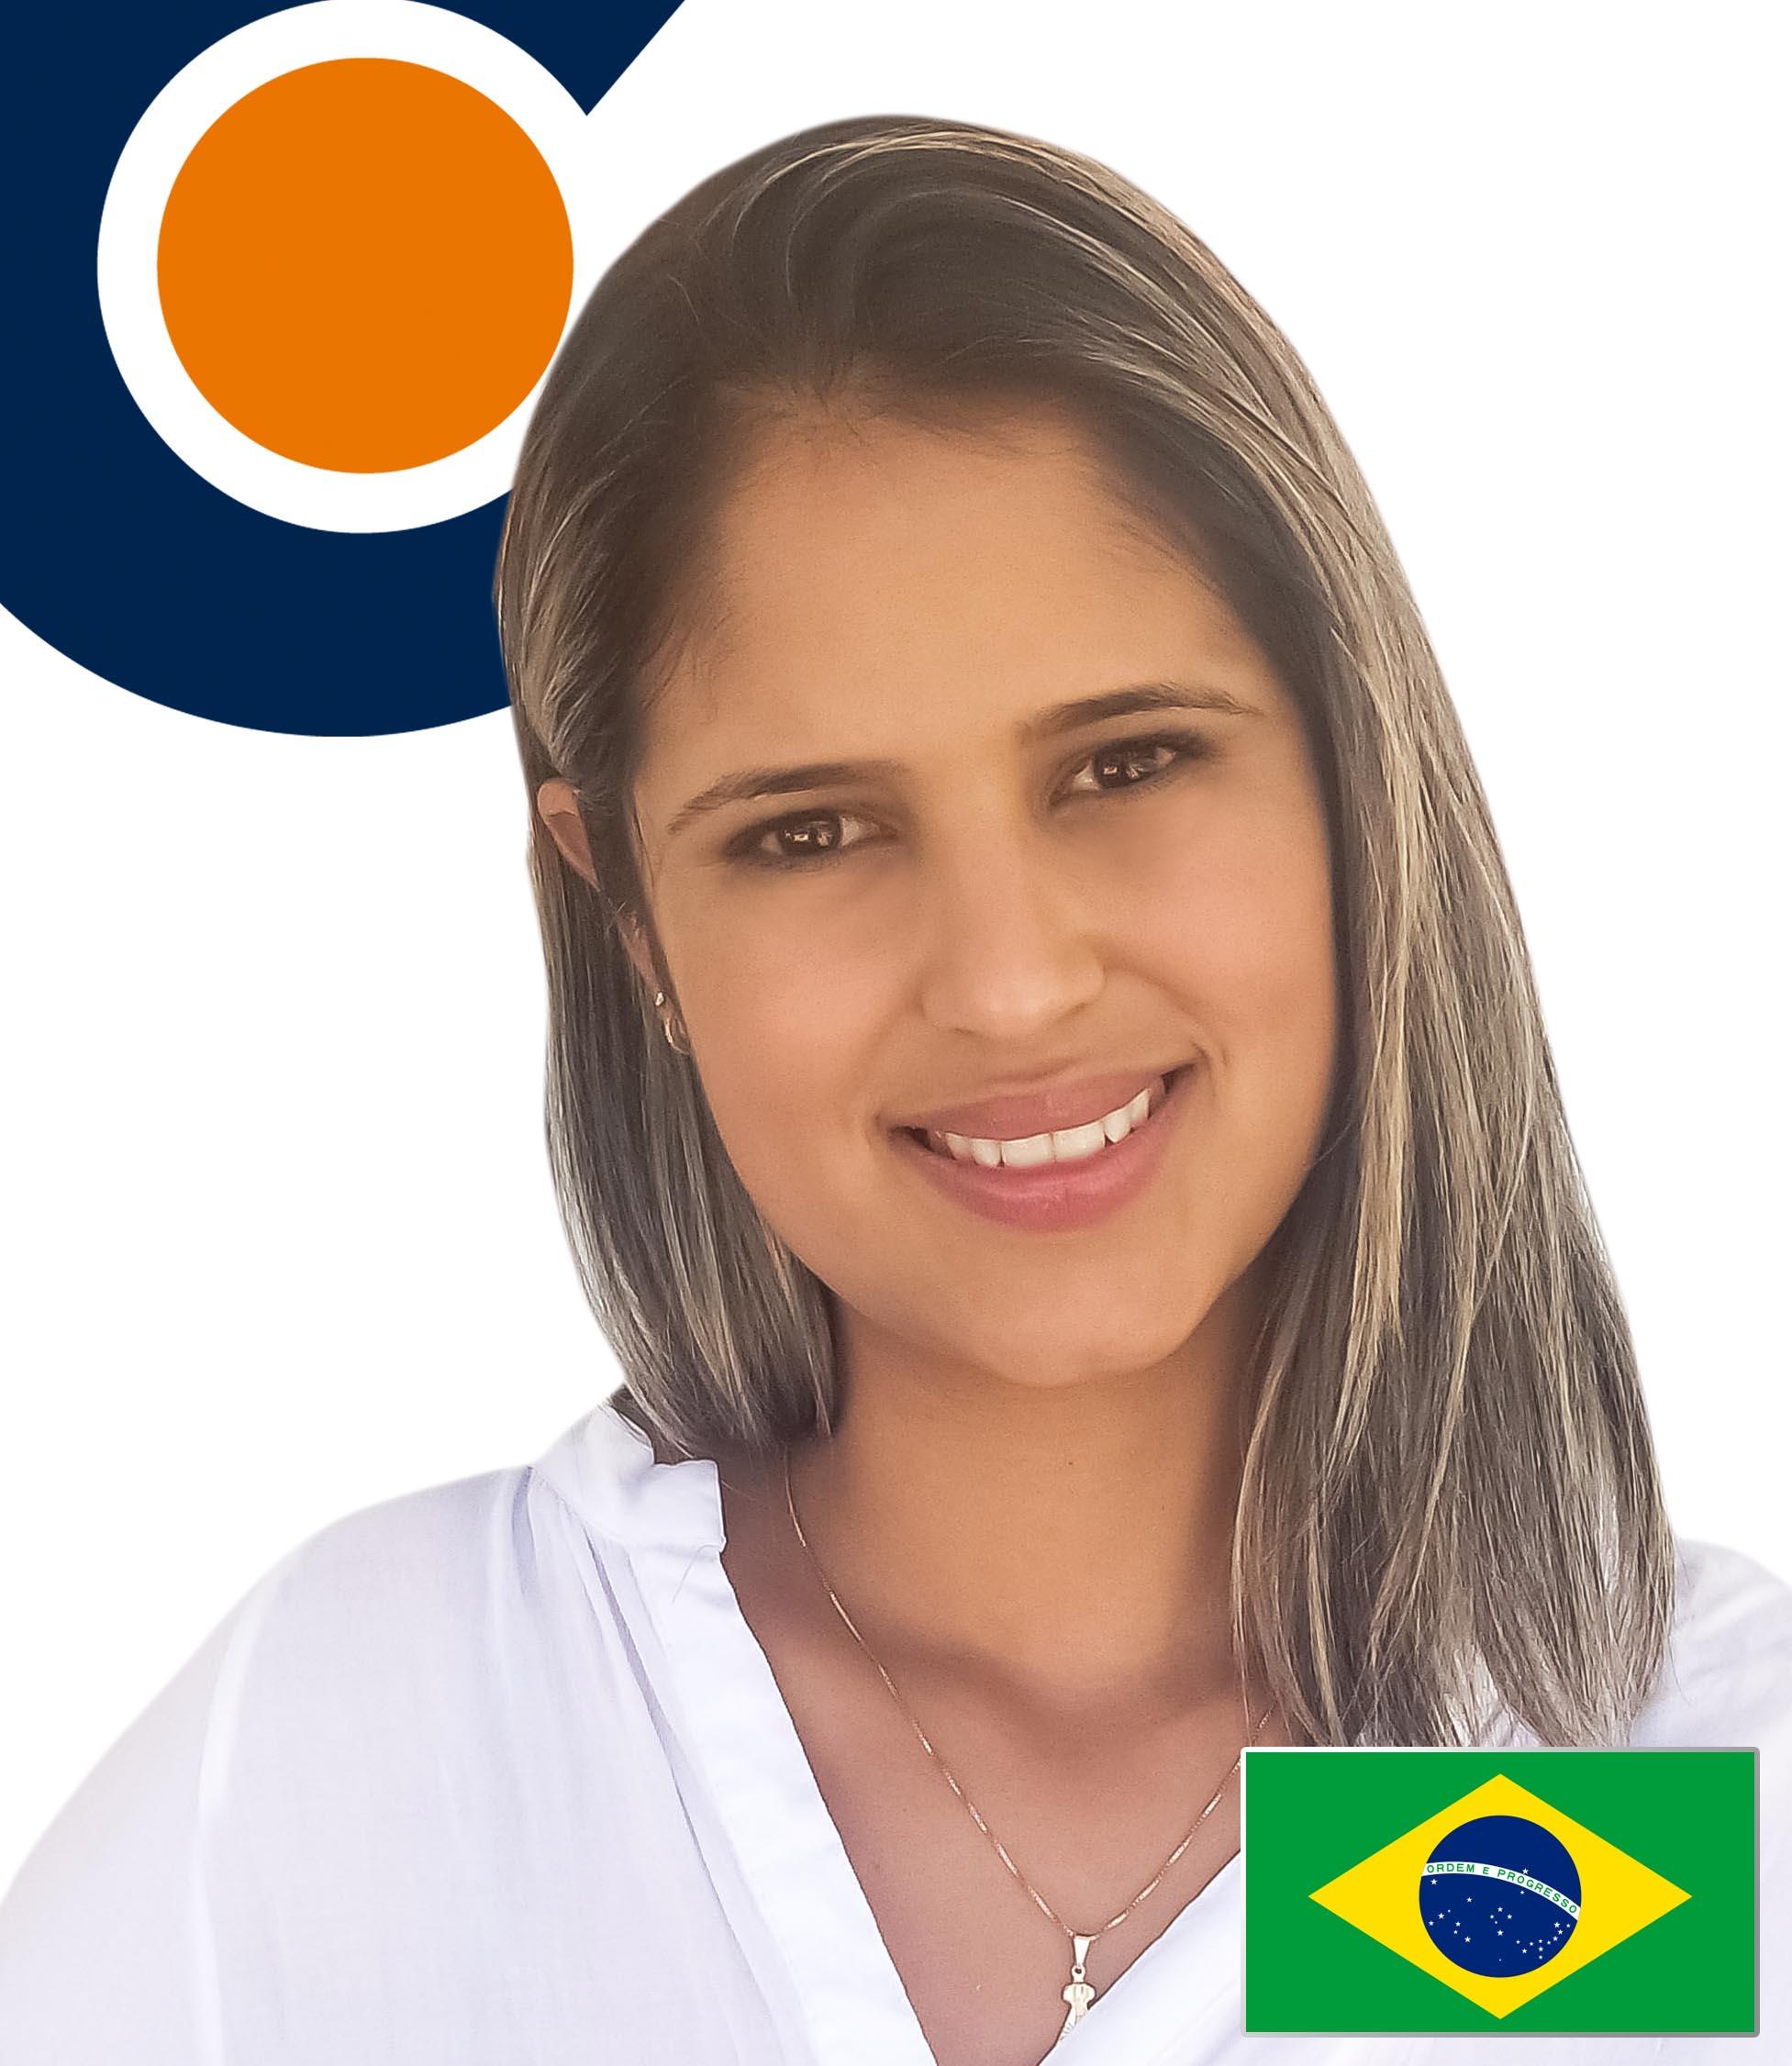 DANIELLE JOGE DE COSTA MENDEZ